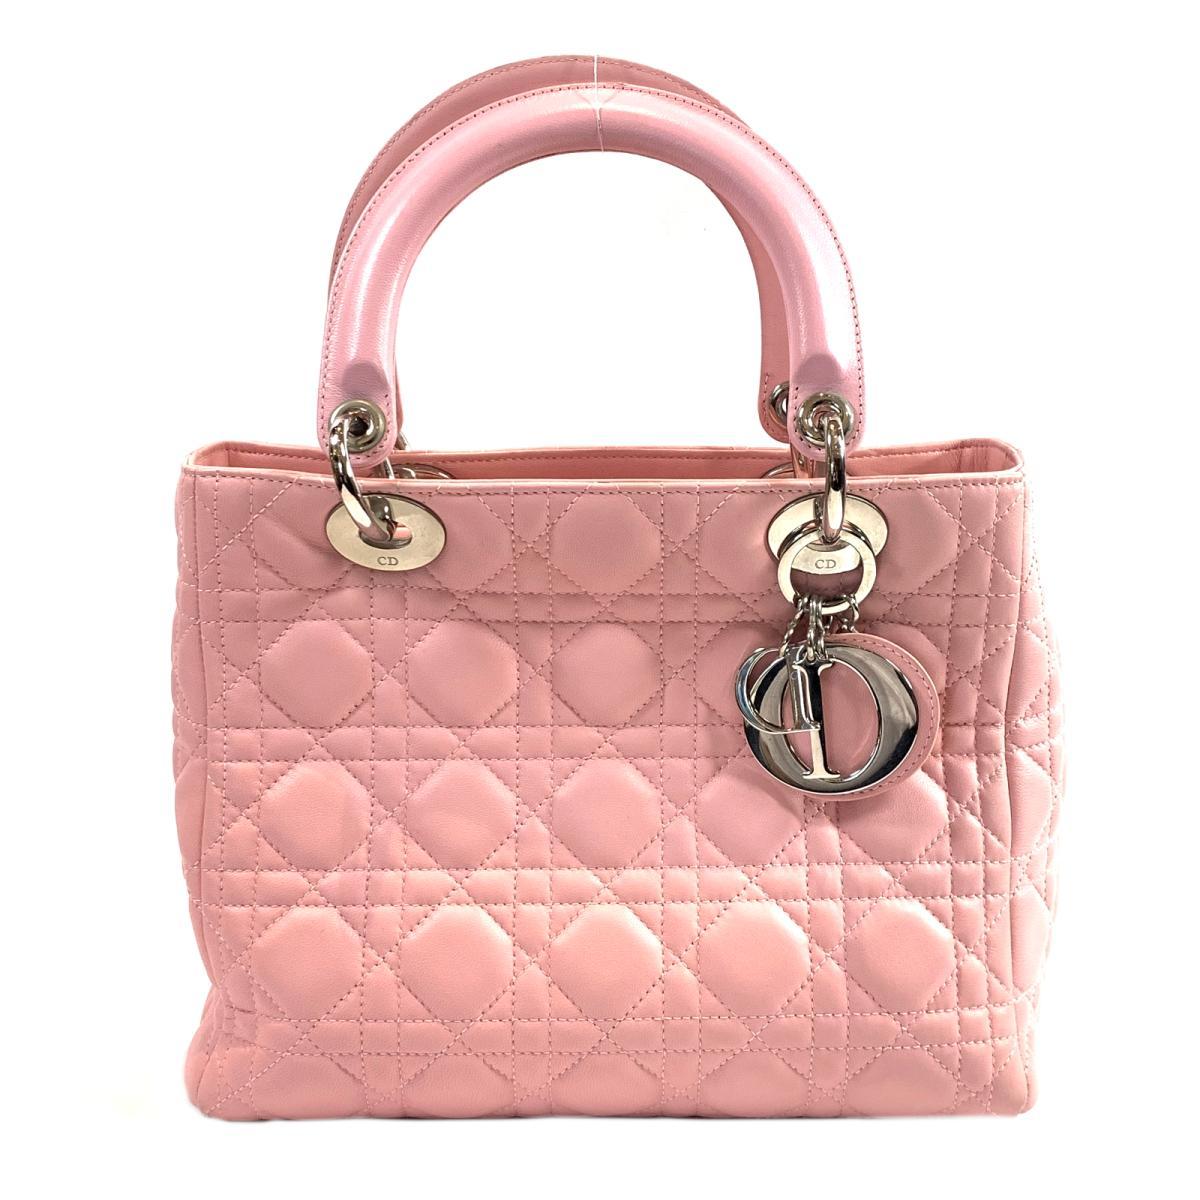 【中古】クリスチャン・ディオール レディーディオール ハンドバッグ バッグ レディース 牛革(カーフ) ピンク